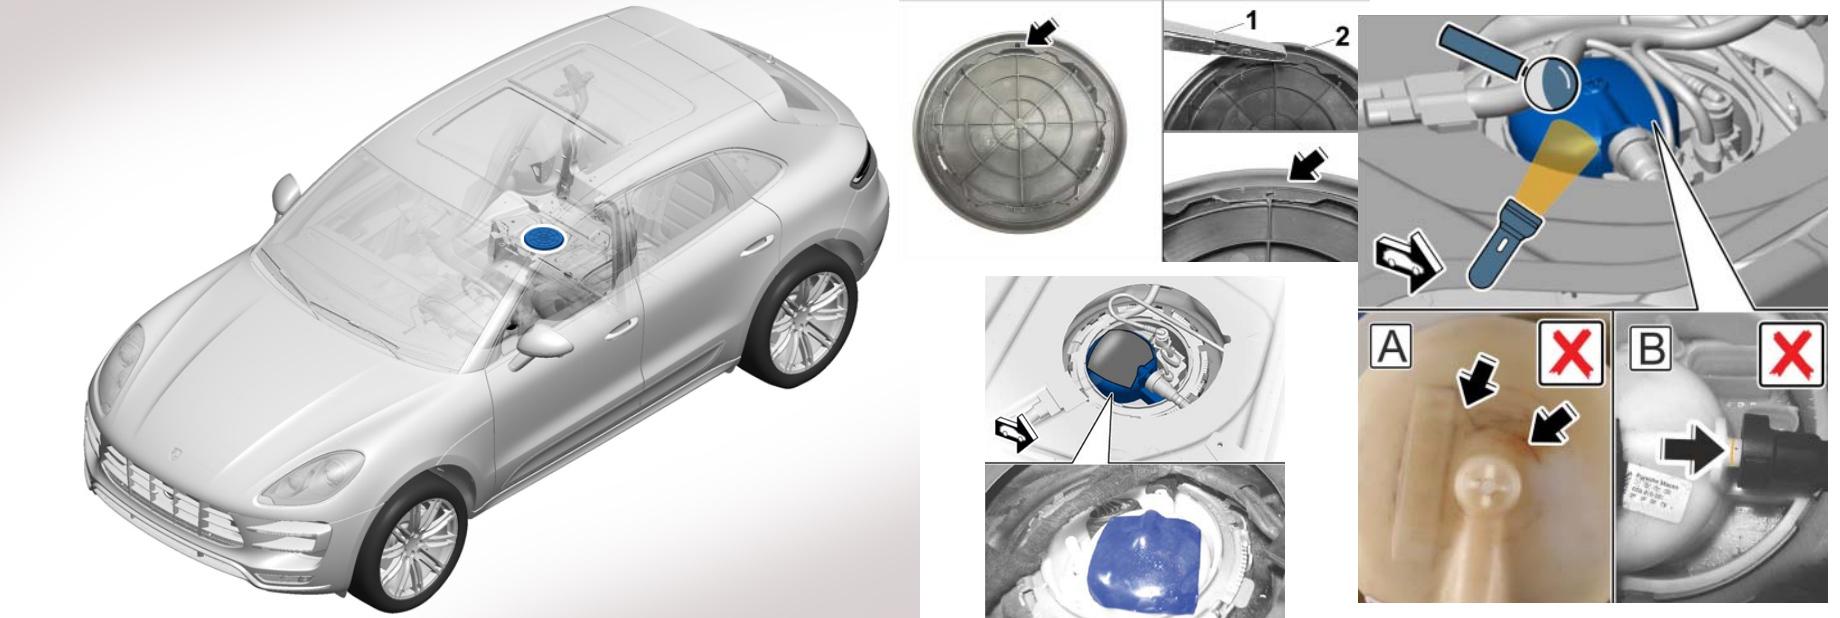 Кроссоверы Porsche Macan отозваны из-за риска утечки топлива